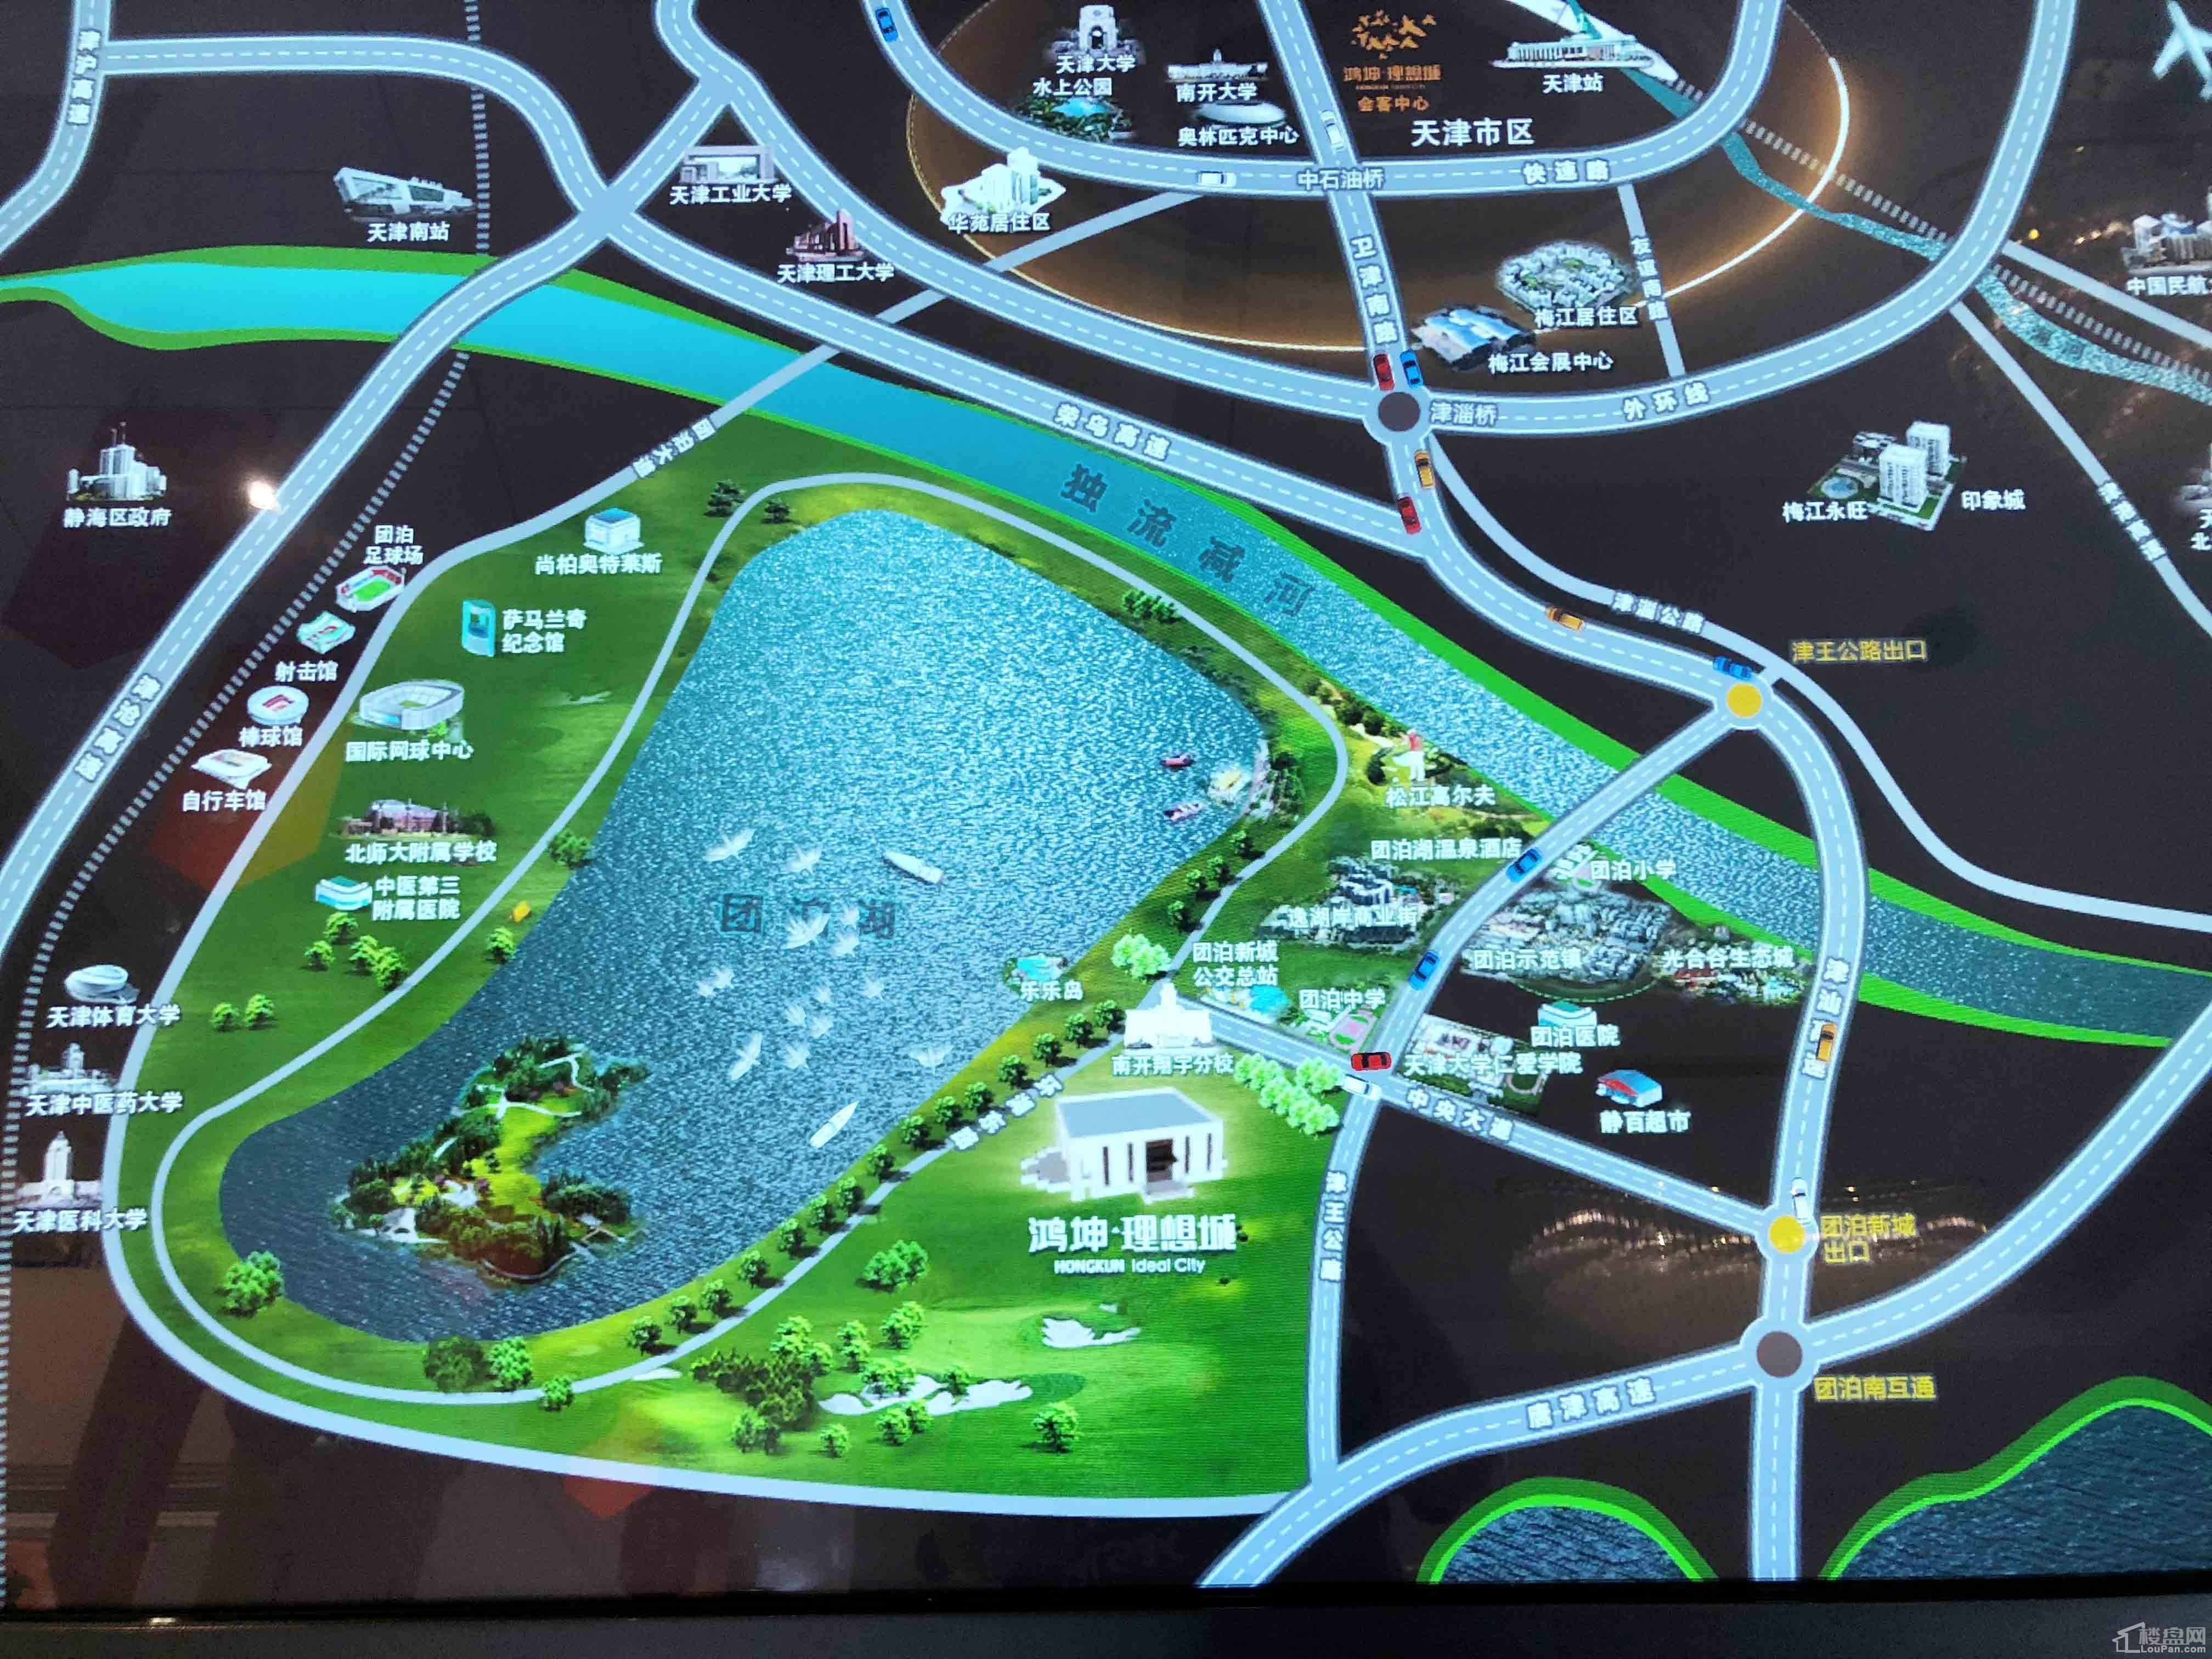 鸿坤理想城位置图